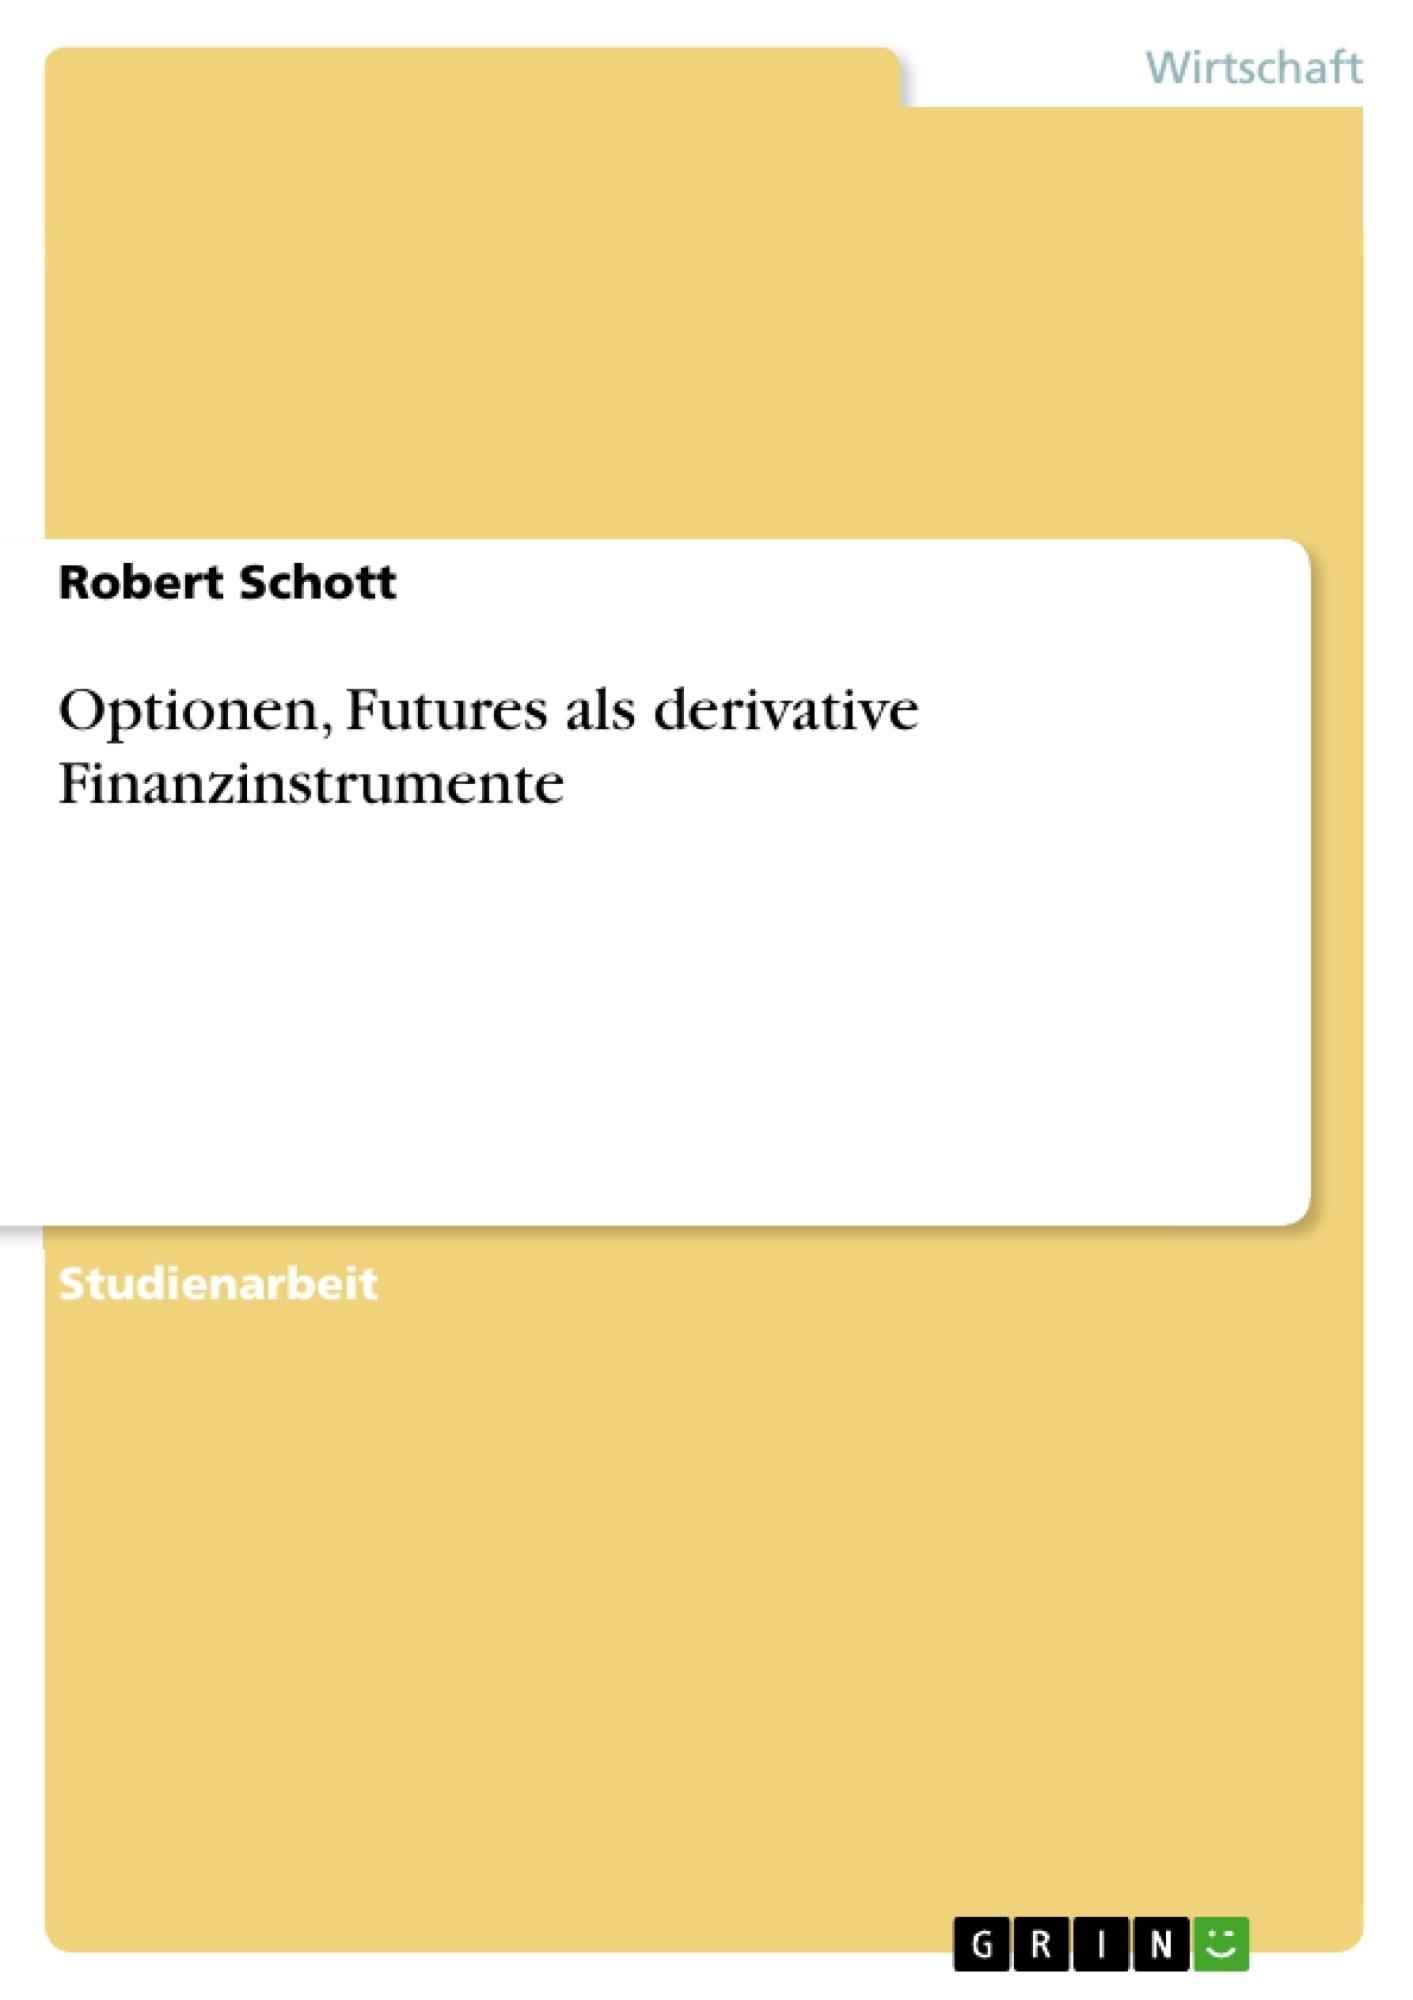 Titel: Optionen, Futures als derivative Finanzinstrumente